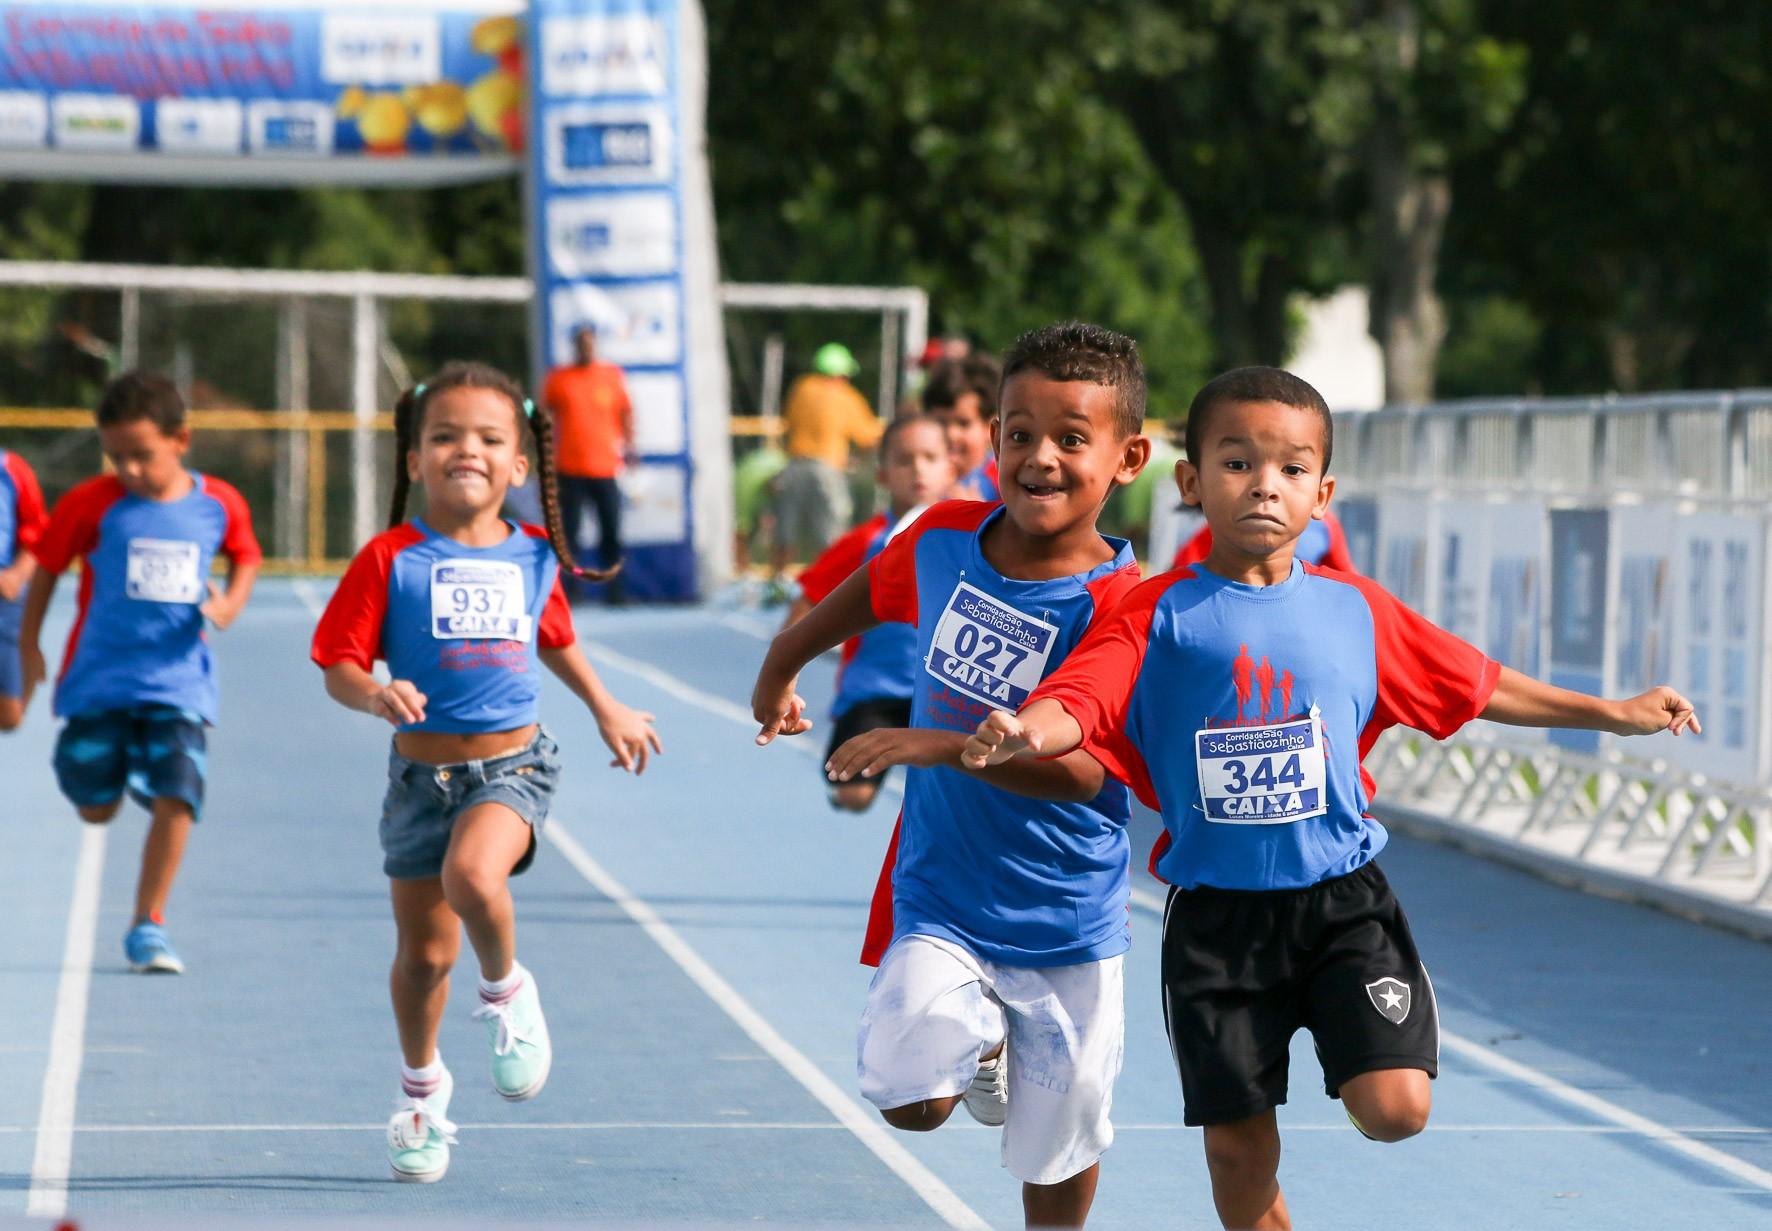 88a554c2625 Crianças de 3 a 10 anos poderão correr acompanhadas dos responsáveis